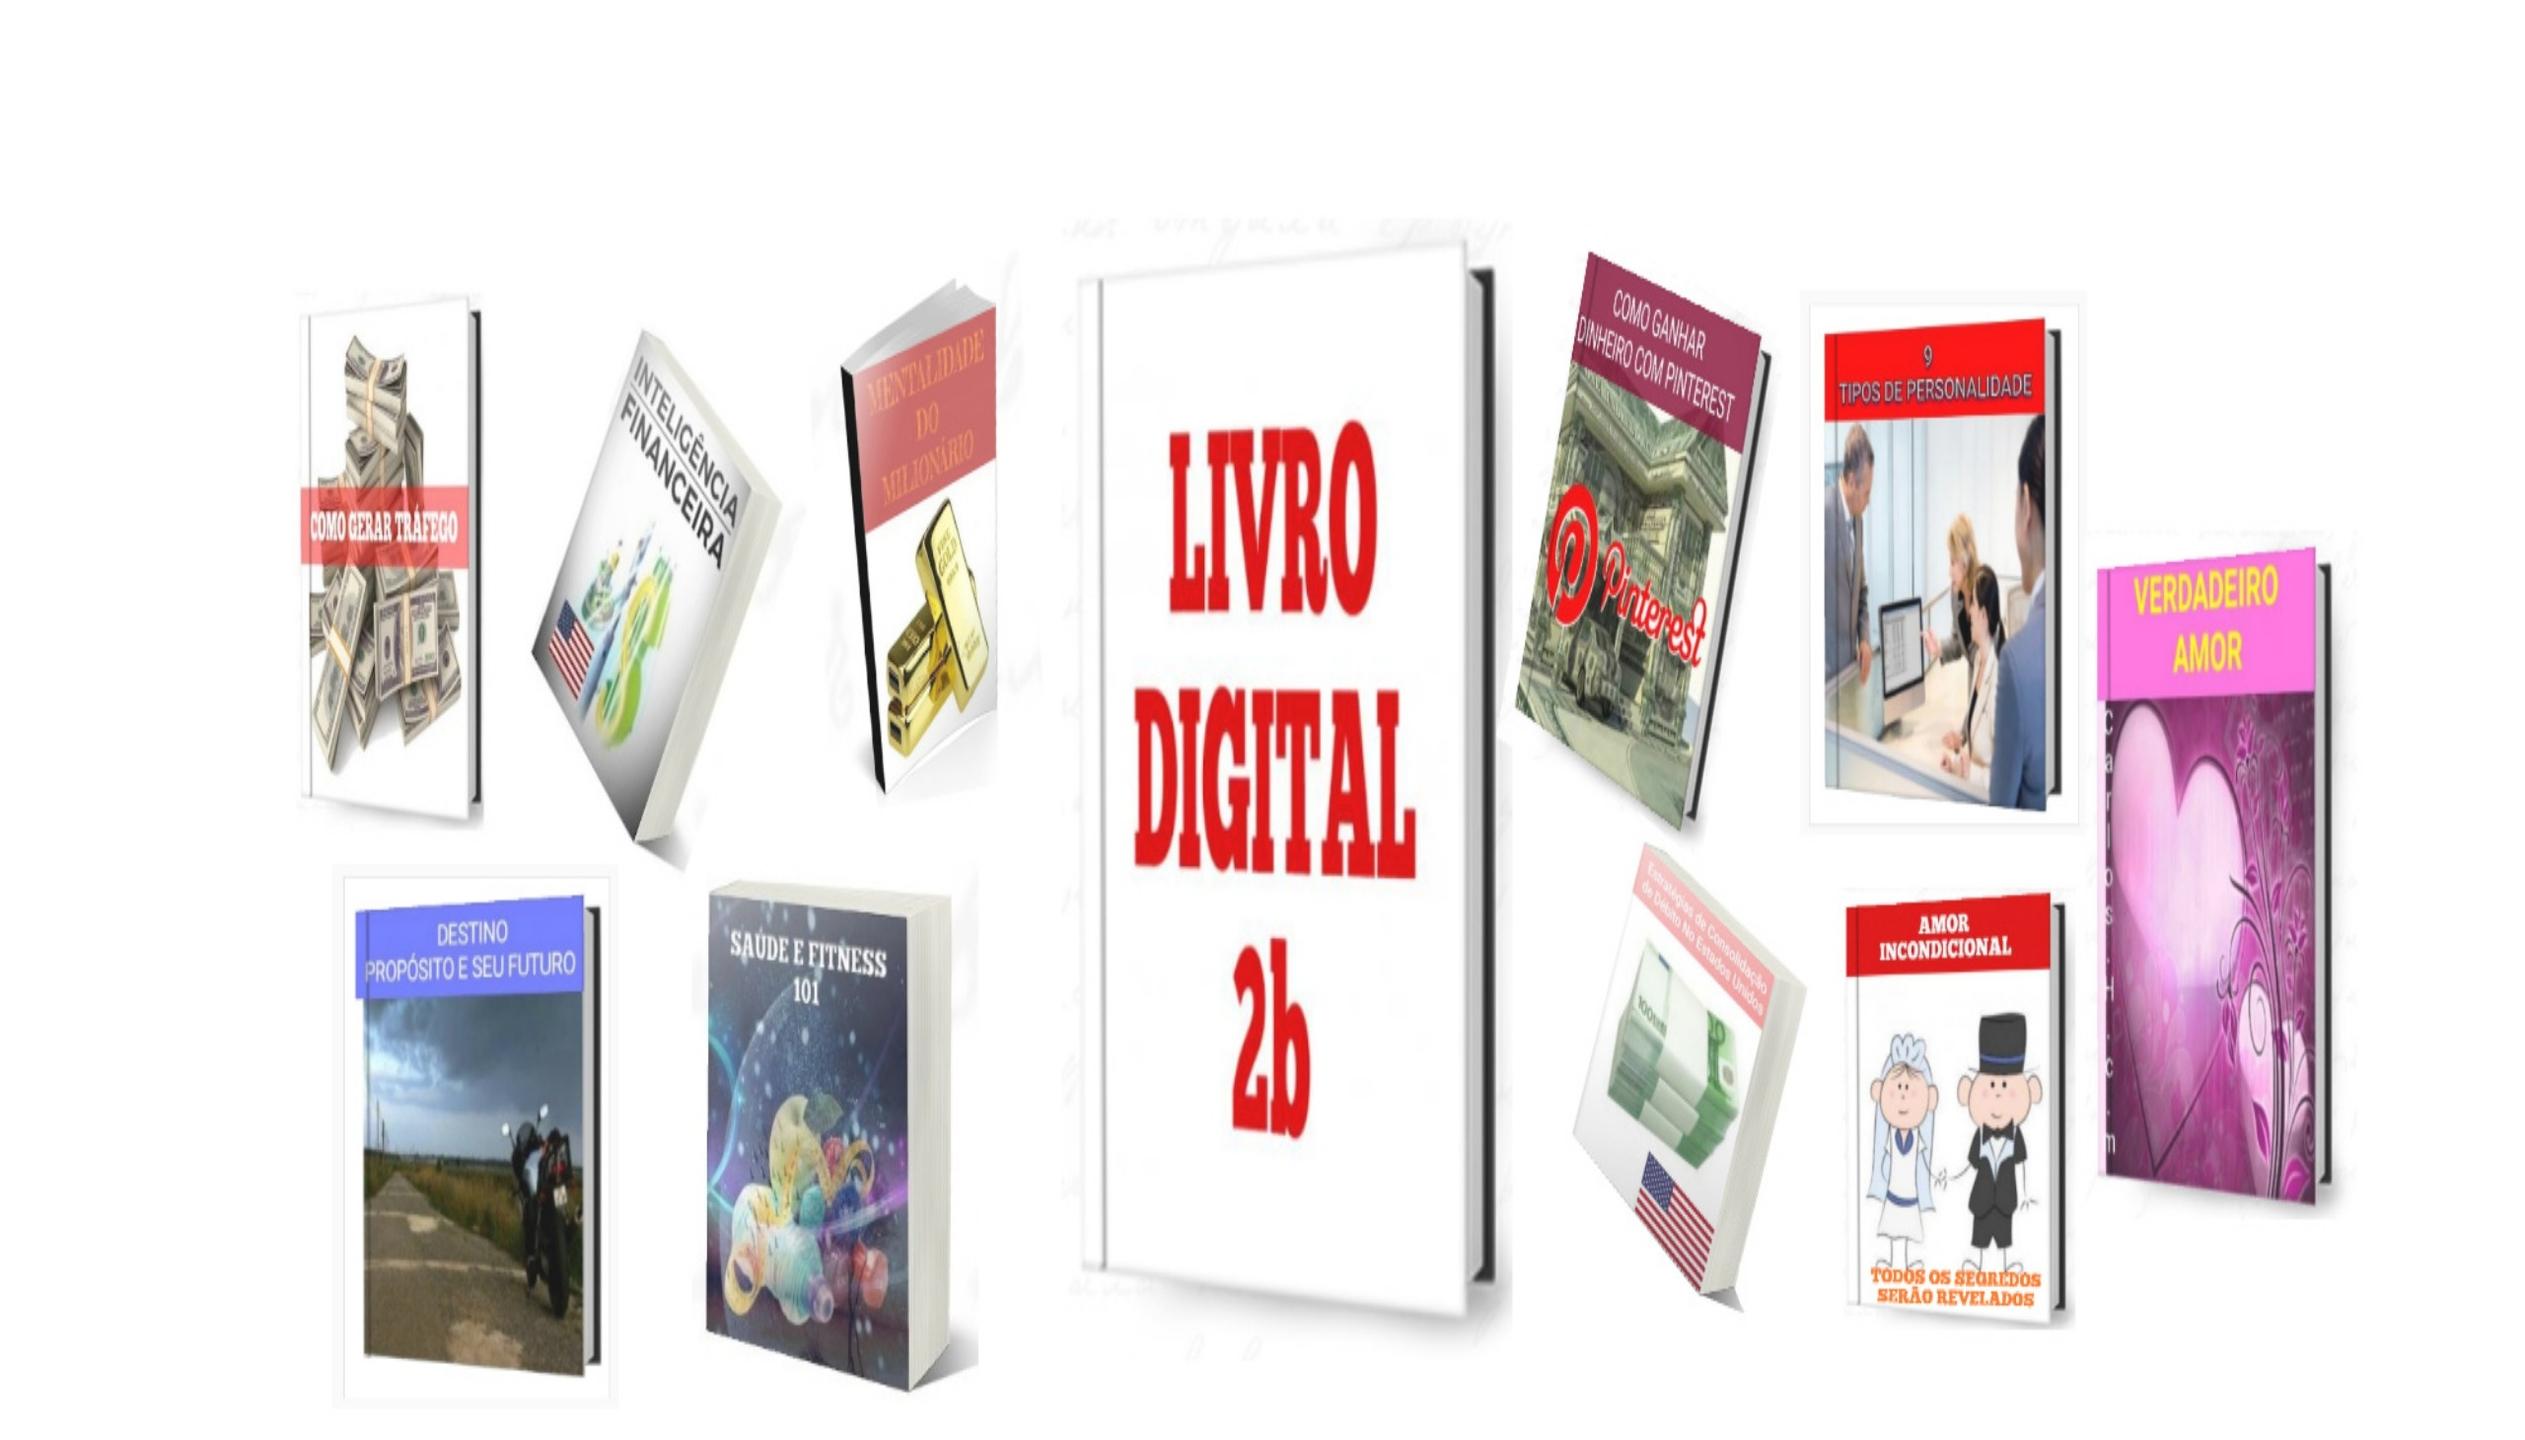 Livro Digital 2b (@rique0903) Cover Image